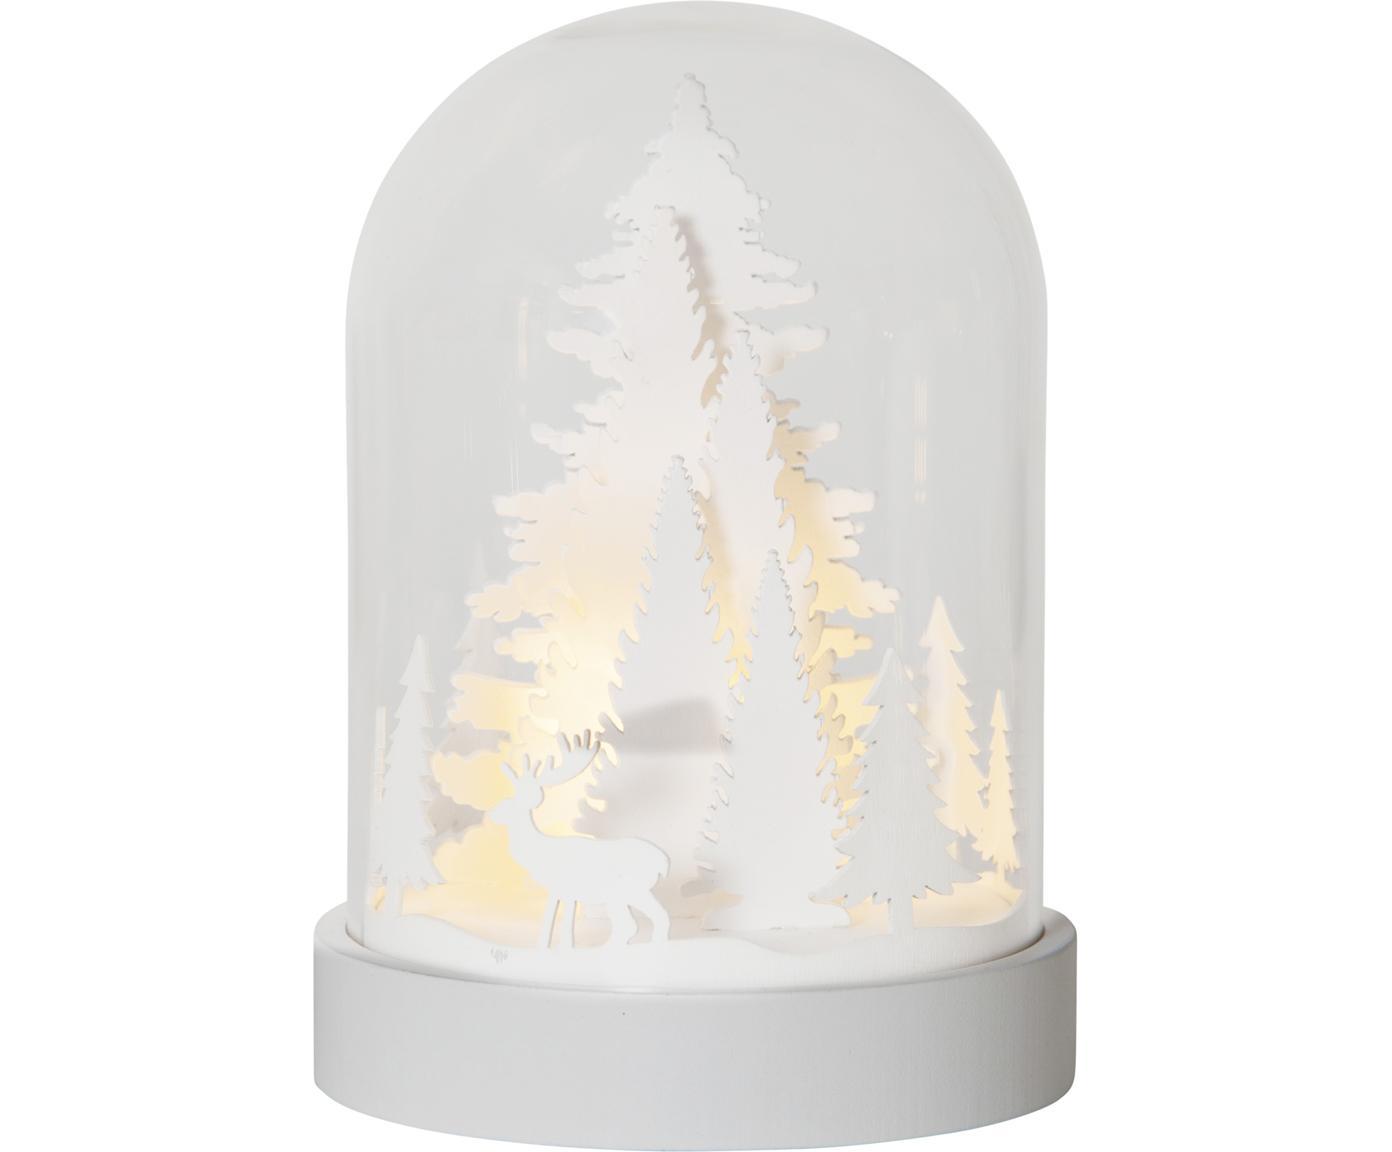 Dekoracja świetlna LED na baterie Reindeer, Płyta pilśniowa średniej gęstości (MDF), tworzywo sztuczne, szkło, Biały, transparentny, Ø 13 x W 18 cm